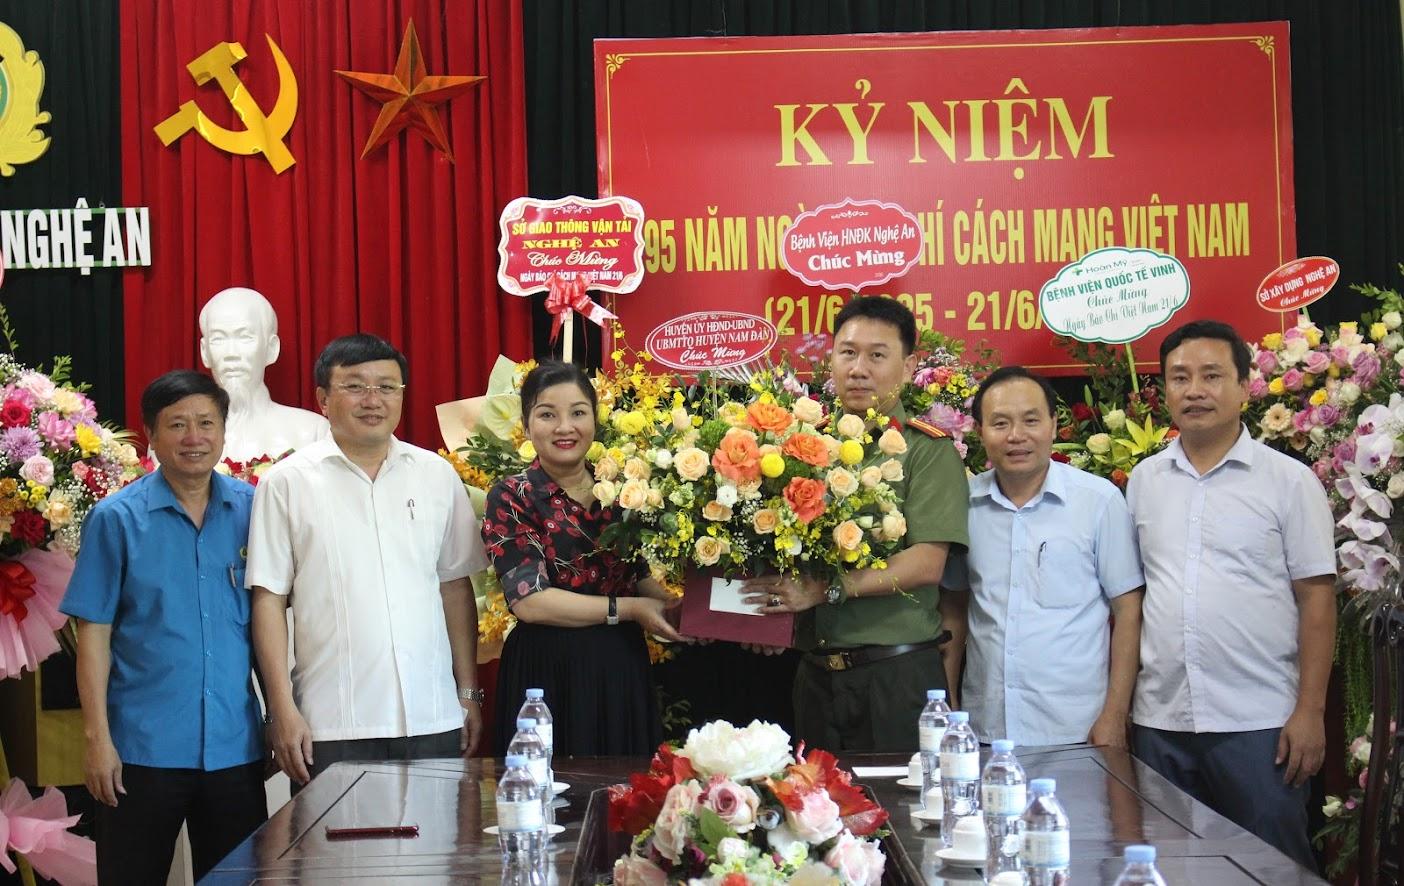 Huyện Nam Đàn chúc mừng Báo Công an Nghệ An